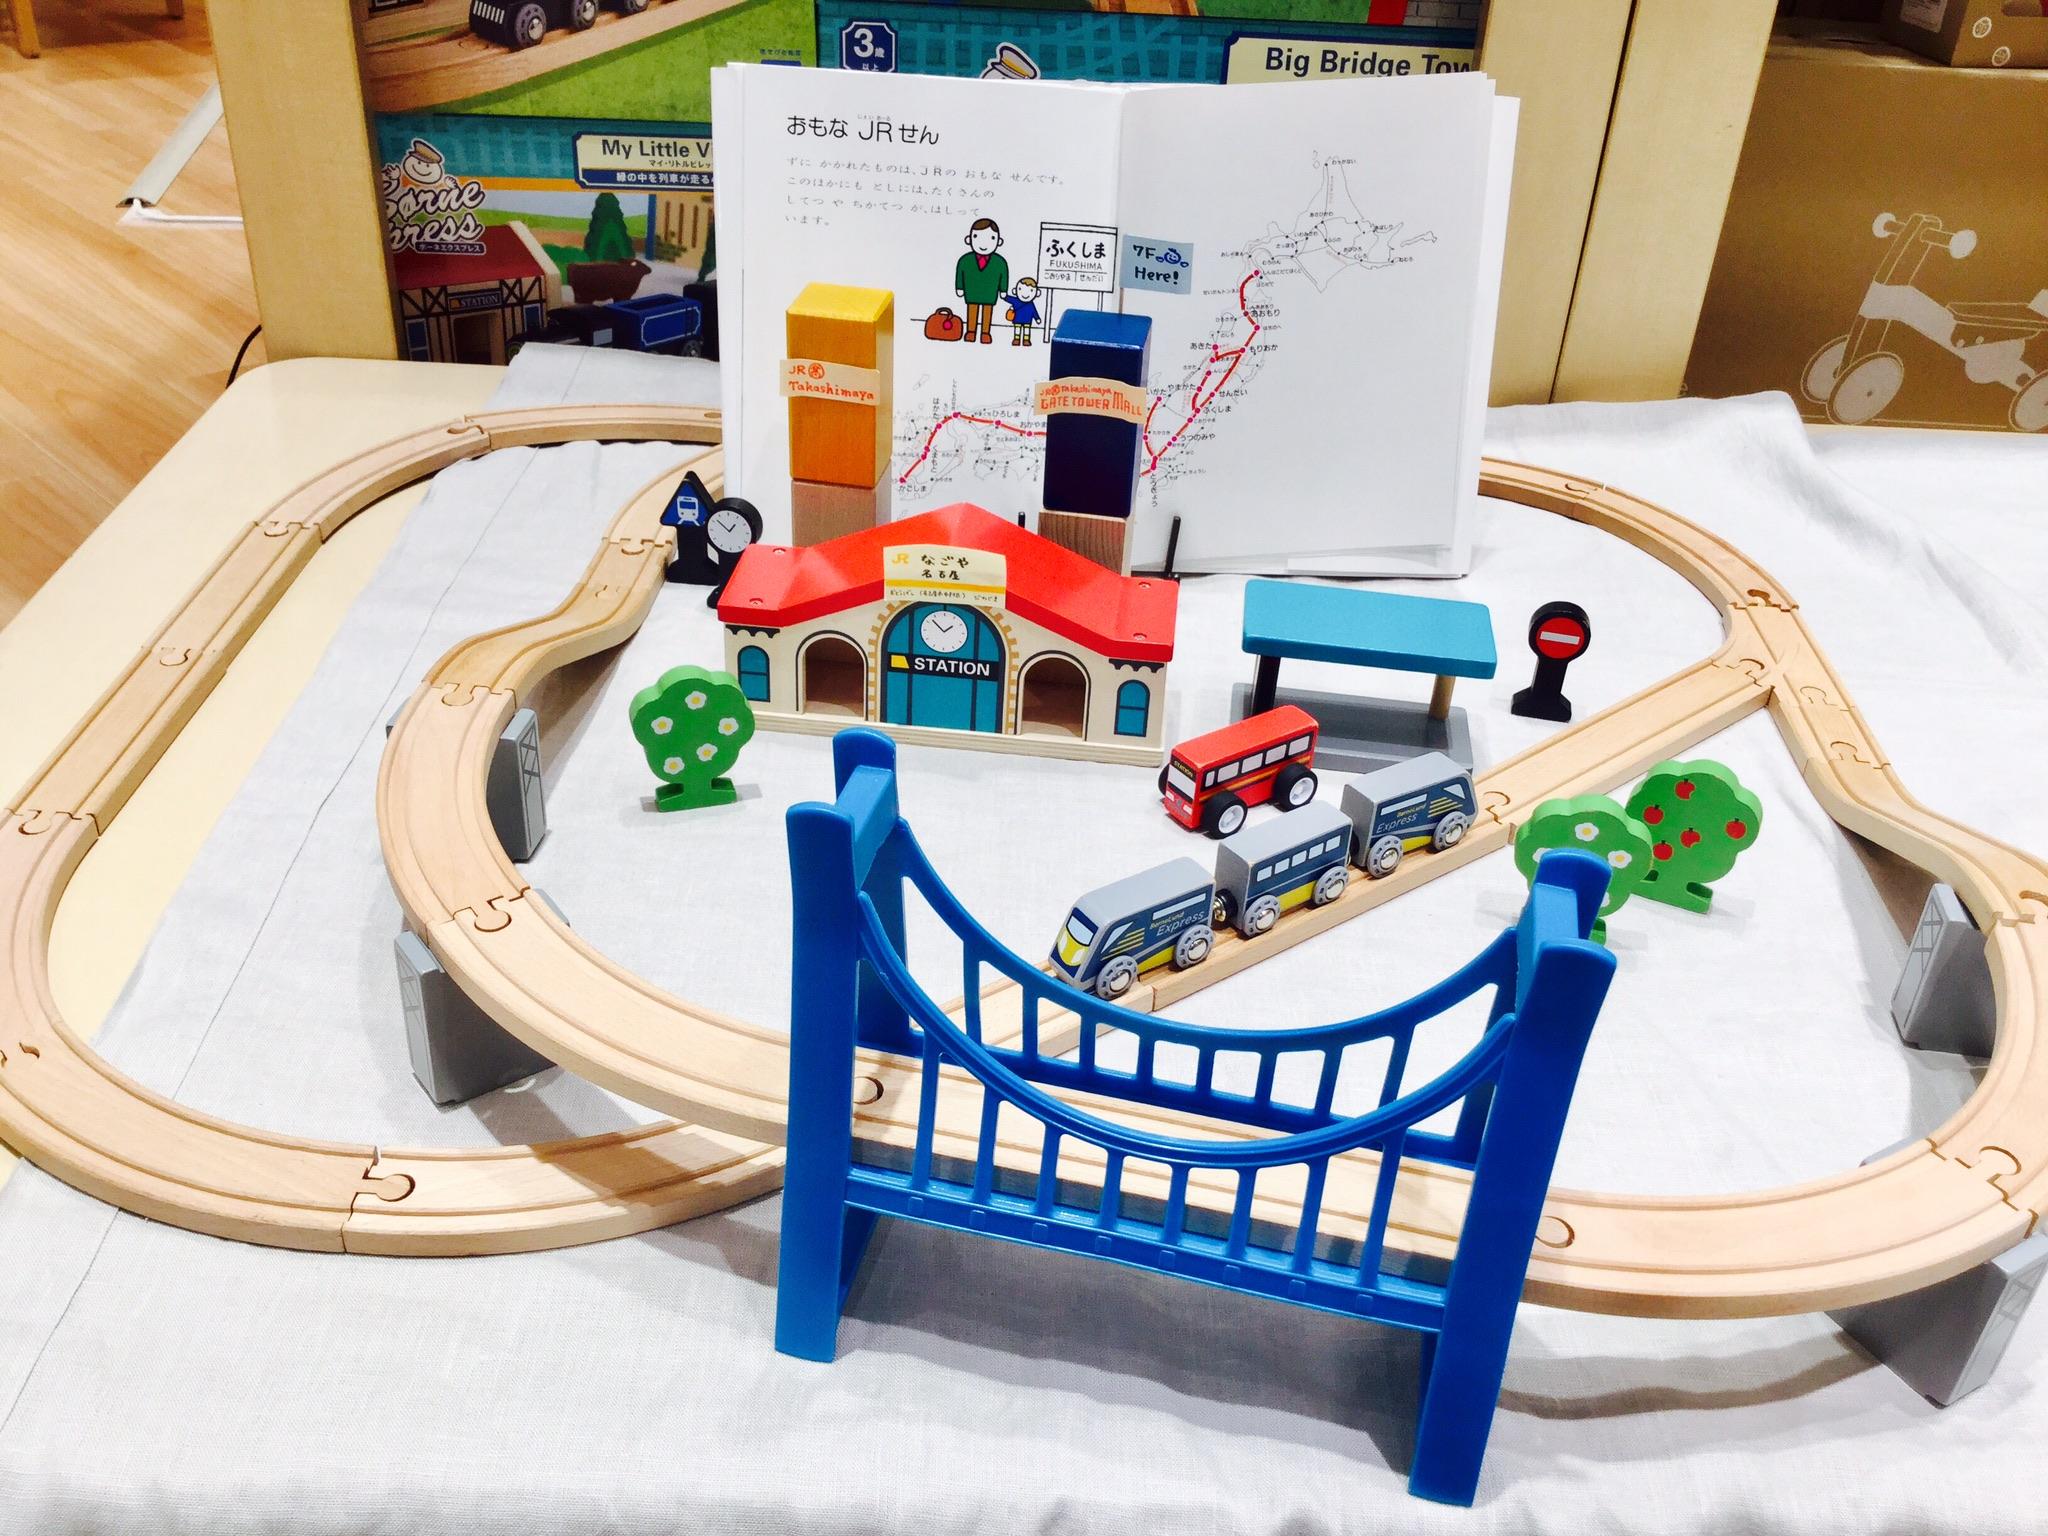 列車の旅へ出発!「ボーネエクスプレス ビッグブリッジ・タウン」